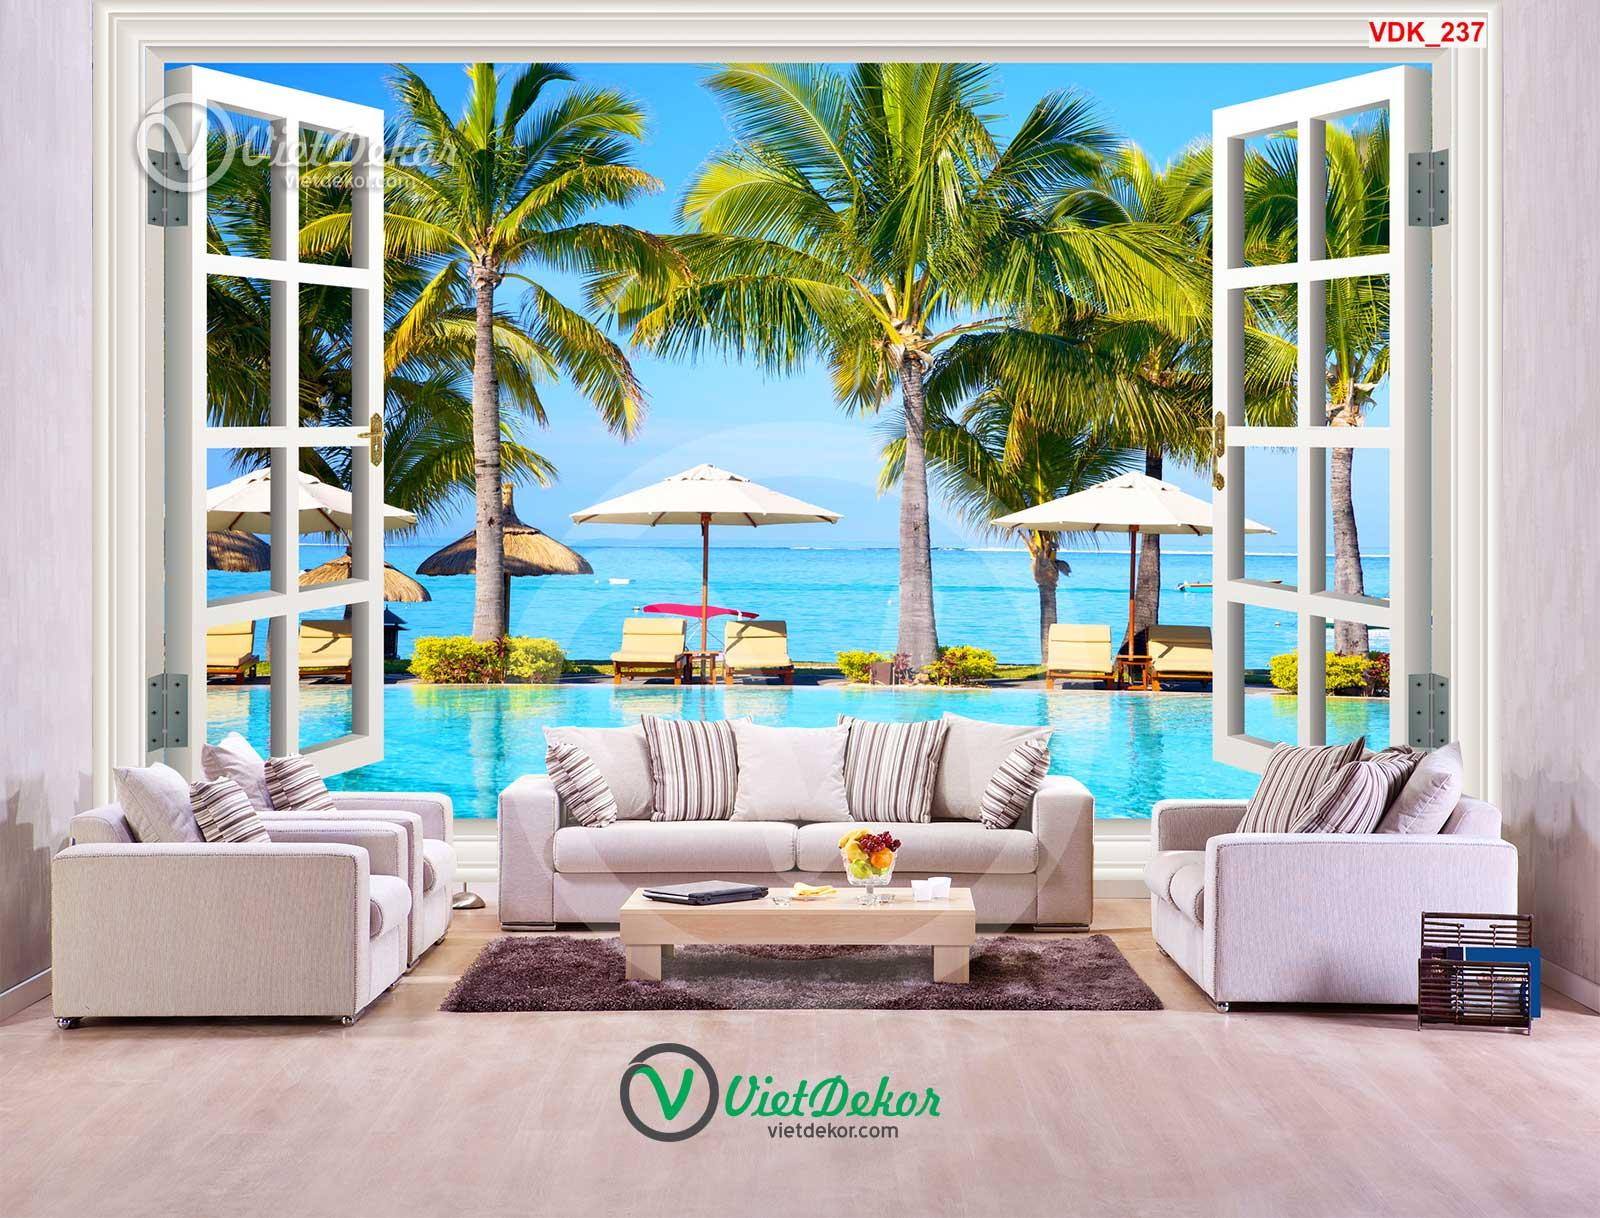 Tranh dán tường 3d cửa sổ phong cảnh biển và cây